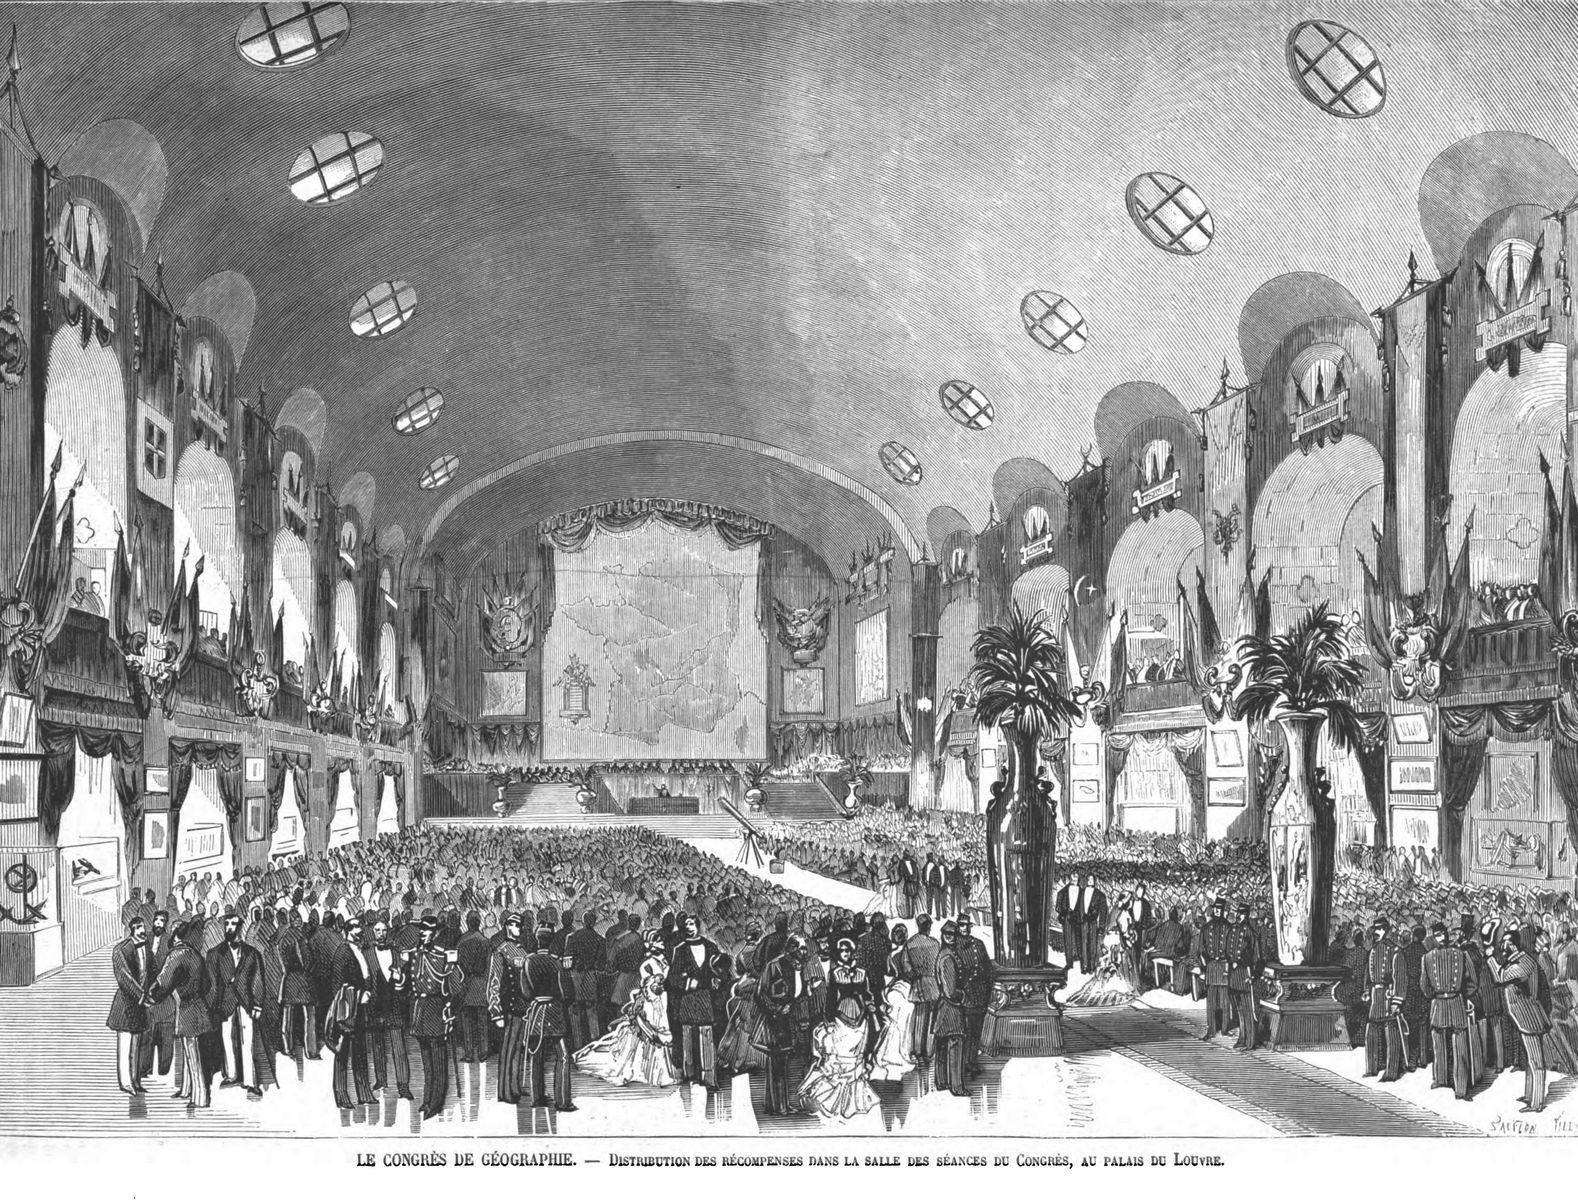 Le Congrès de géographie : salle des séances du Congrès, au palais du Louvre.